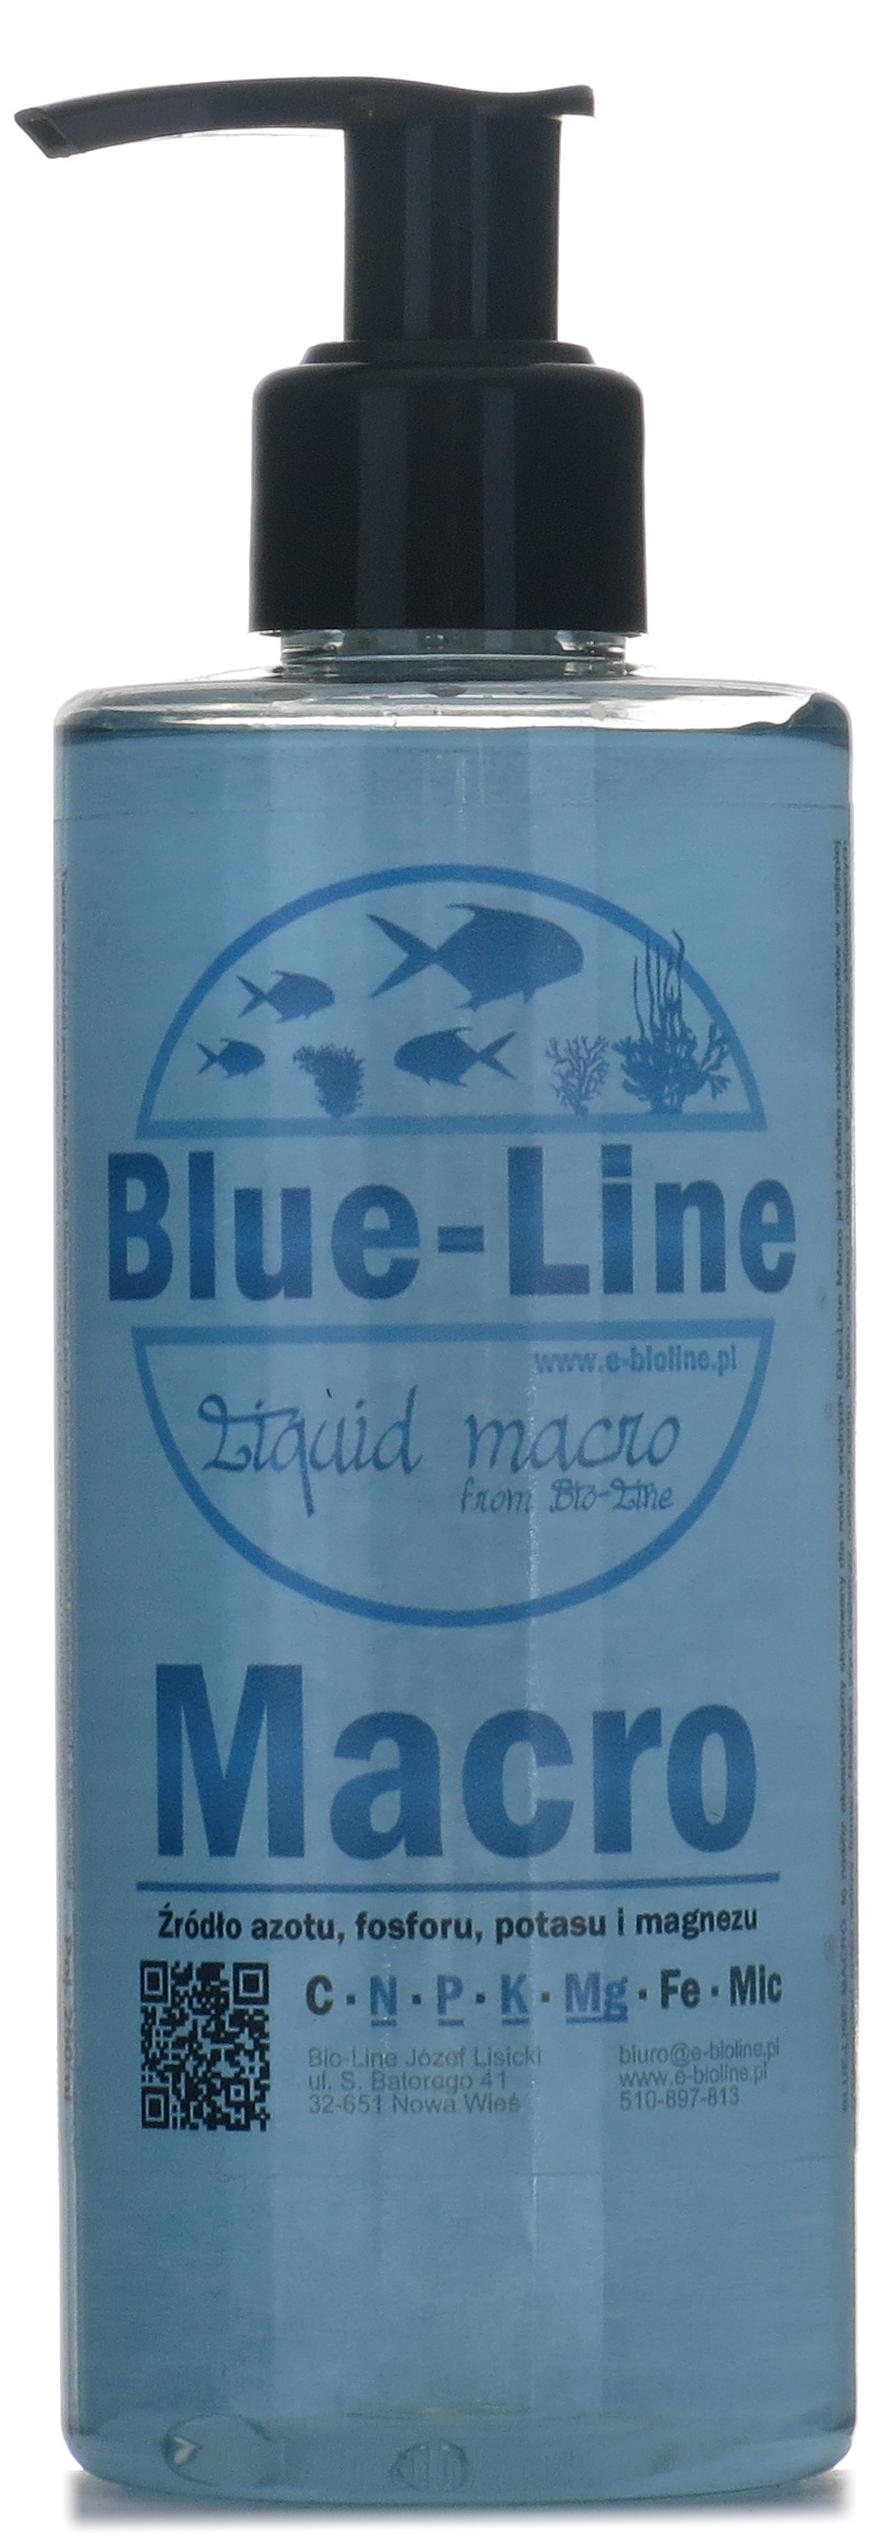 Blue-Line Macro удобрение для аквариум ! 500 мл ! Макрос